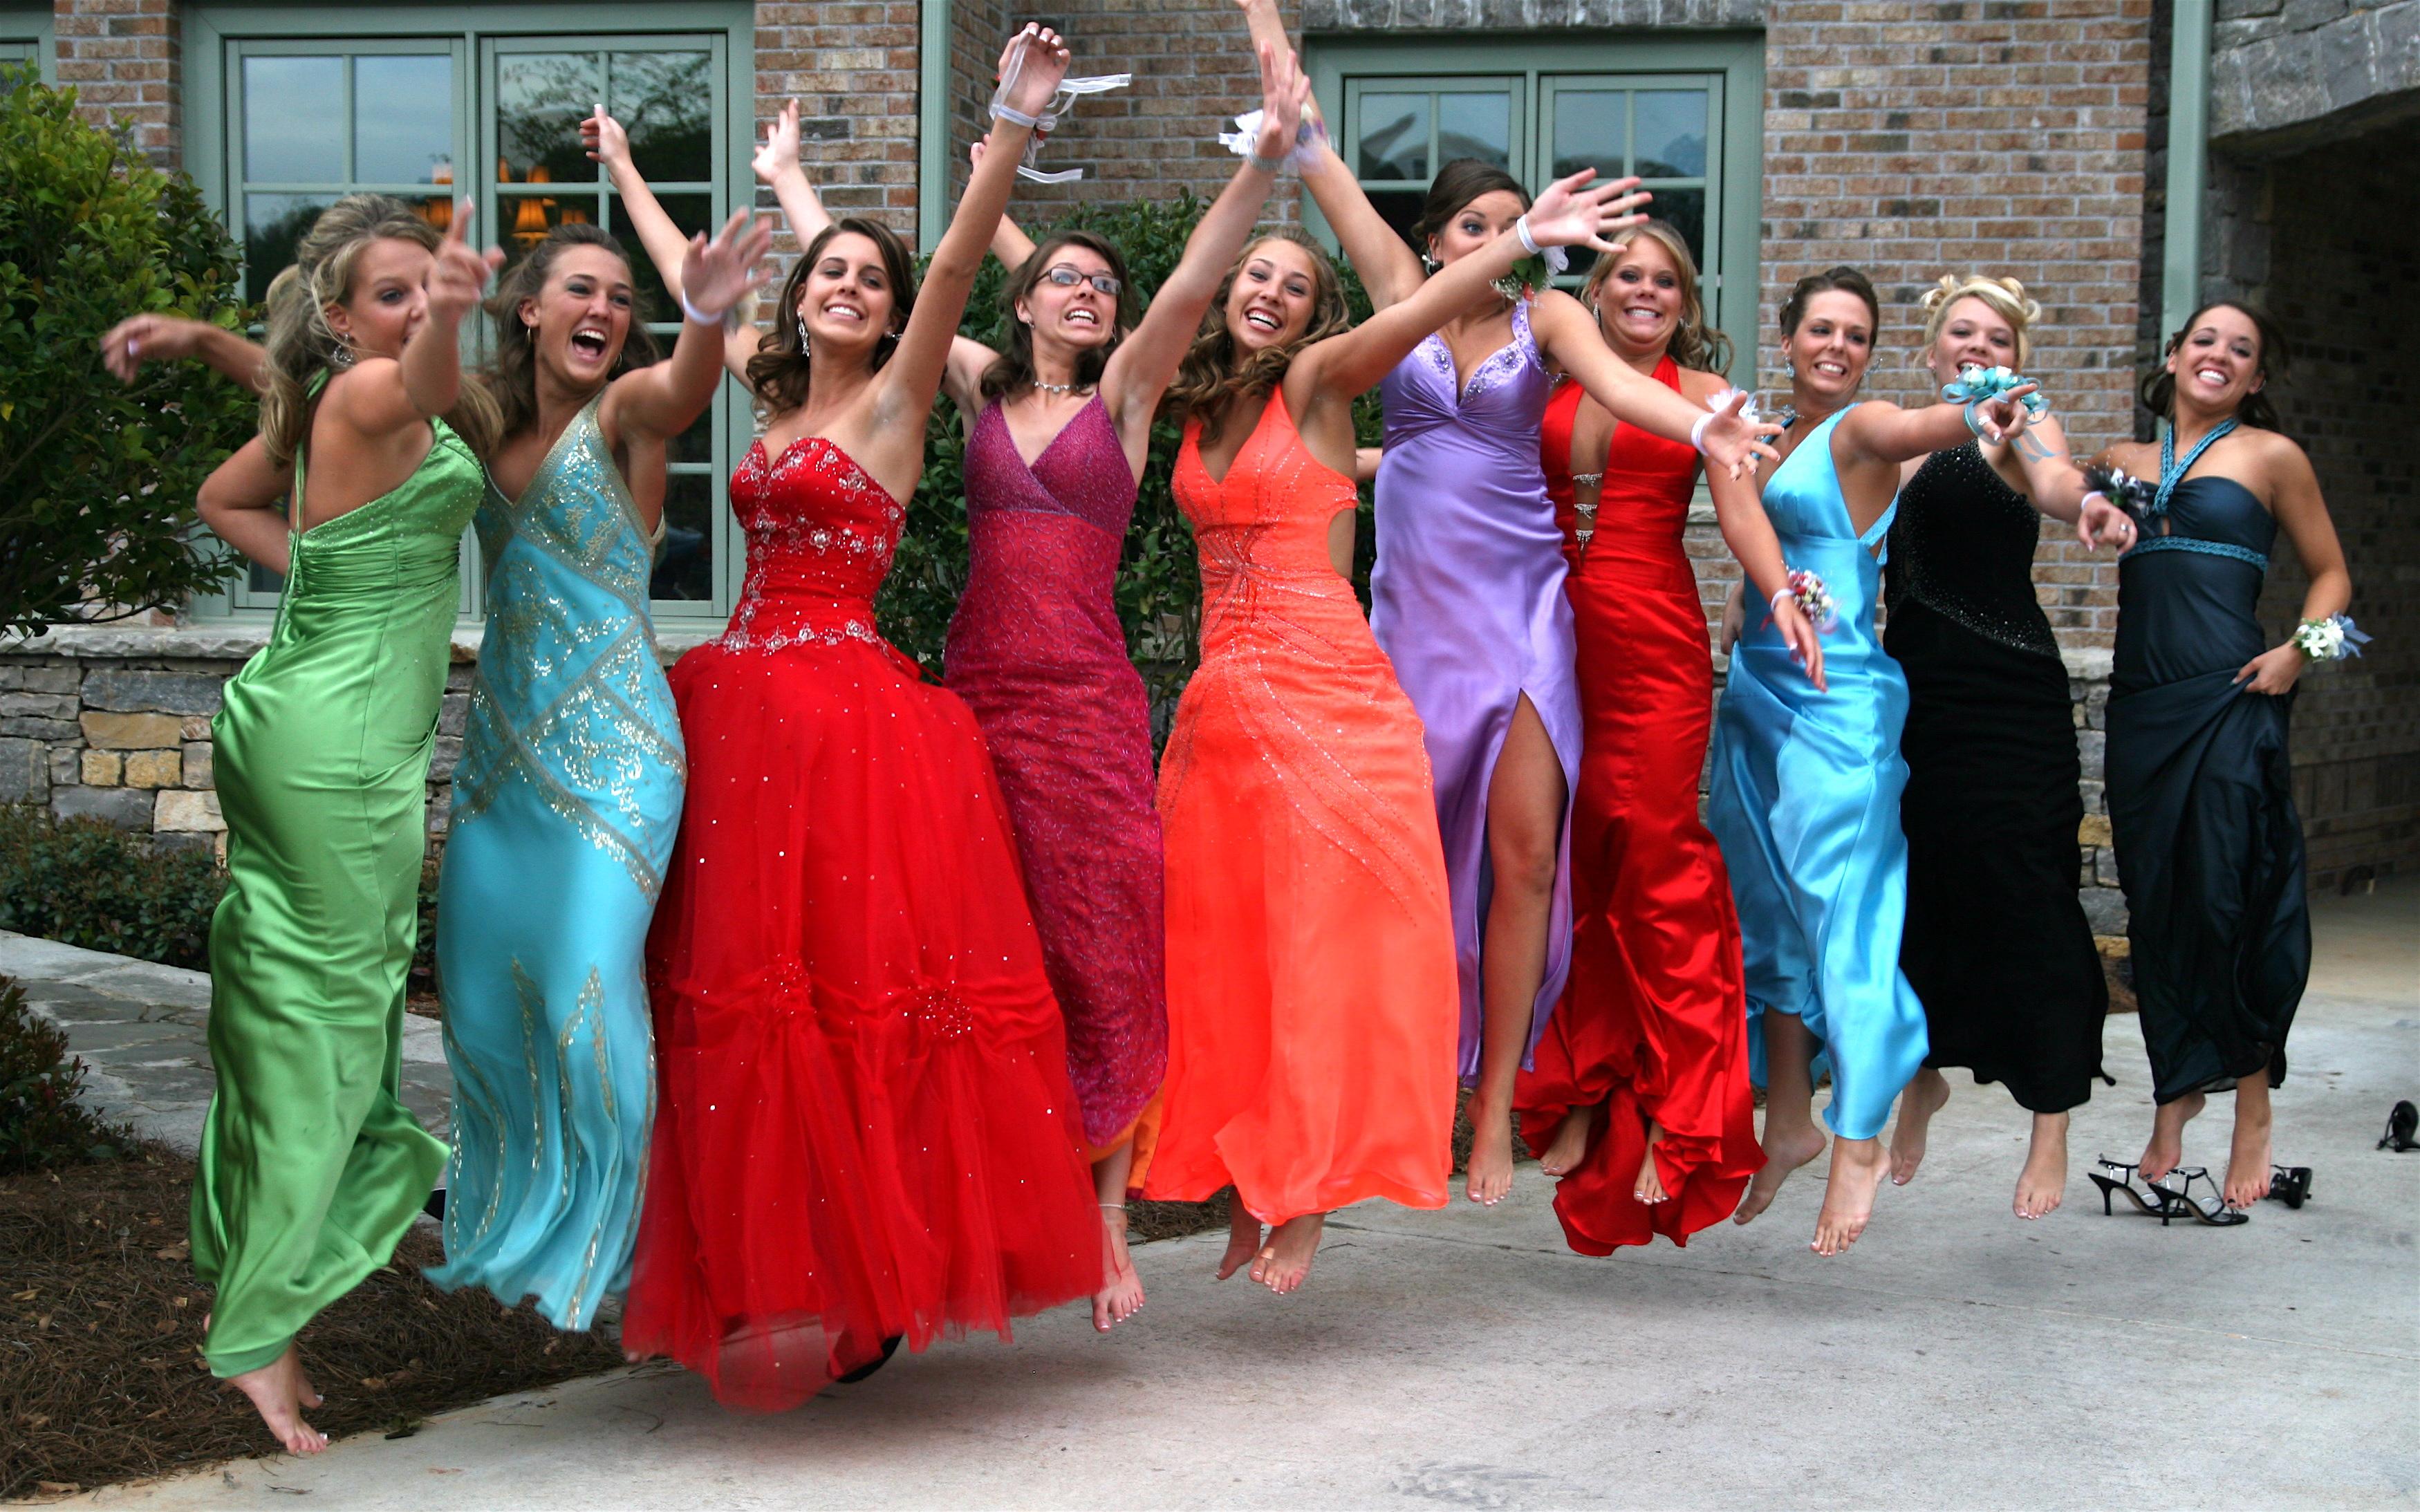 Rochiile fara bretele, interzise la balul de absolvire al unui liceu din New Jersey